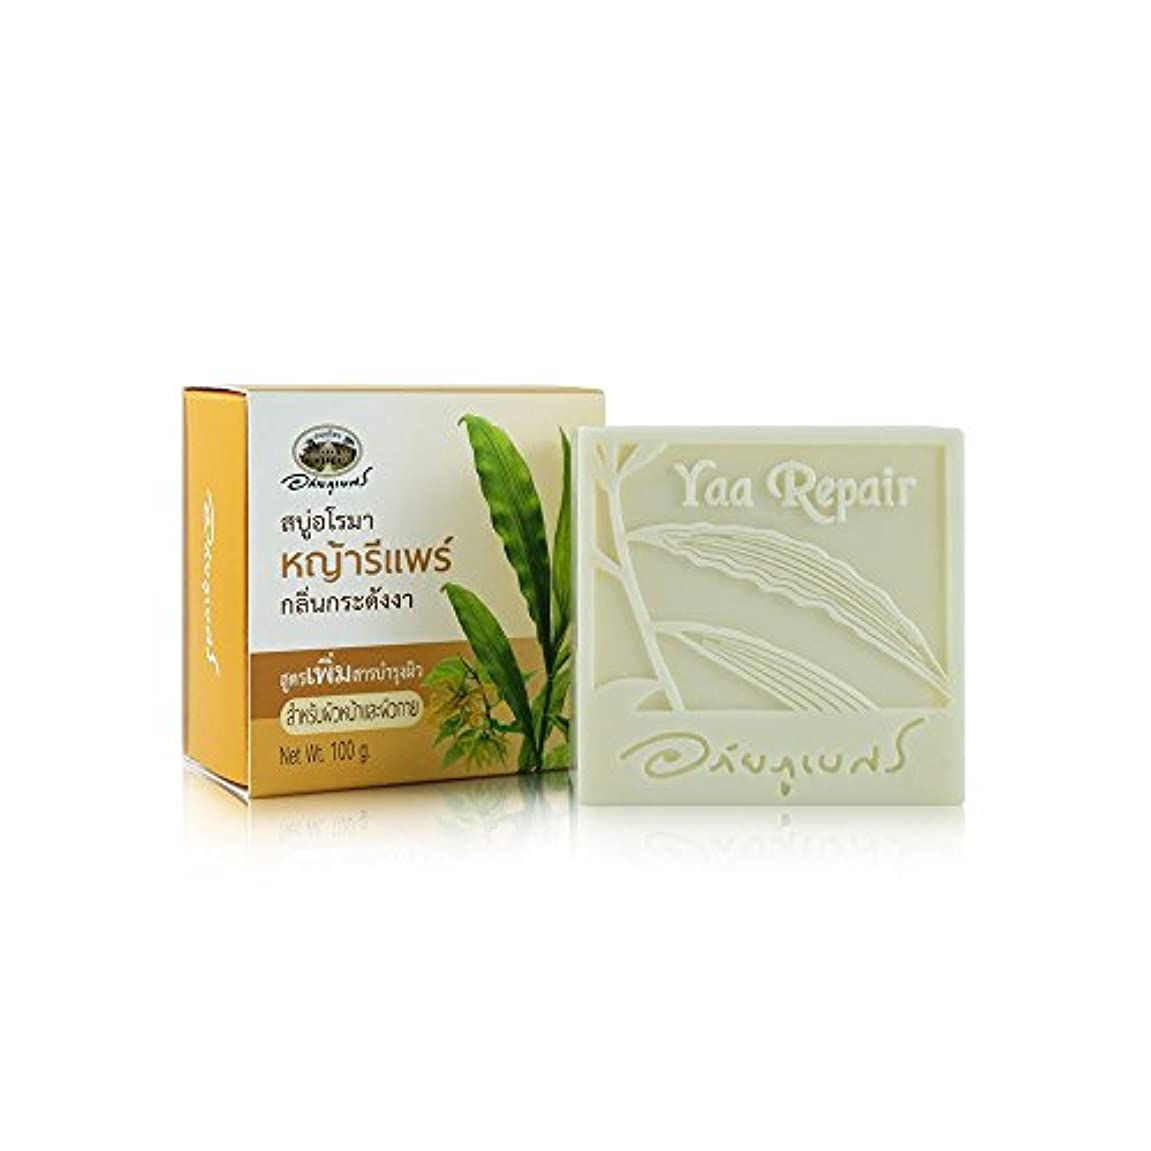 フラップ不幸悪夢Abhaibhubejhr Thai Aromatherapy With Ylang Ylang Skin Care Formula Herbal Body Face Cleaning Soap 100g.